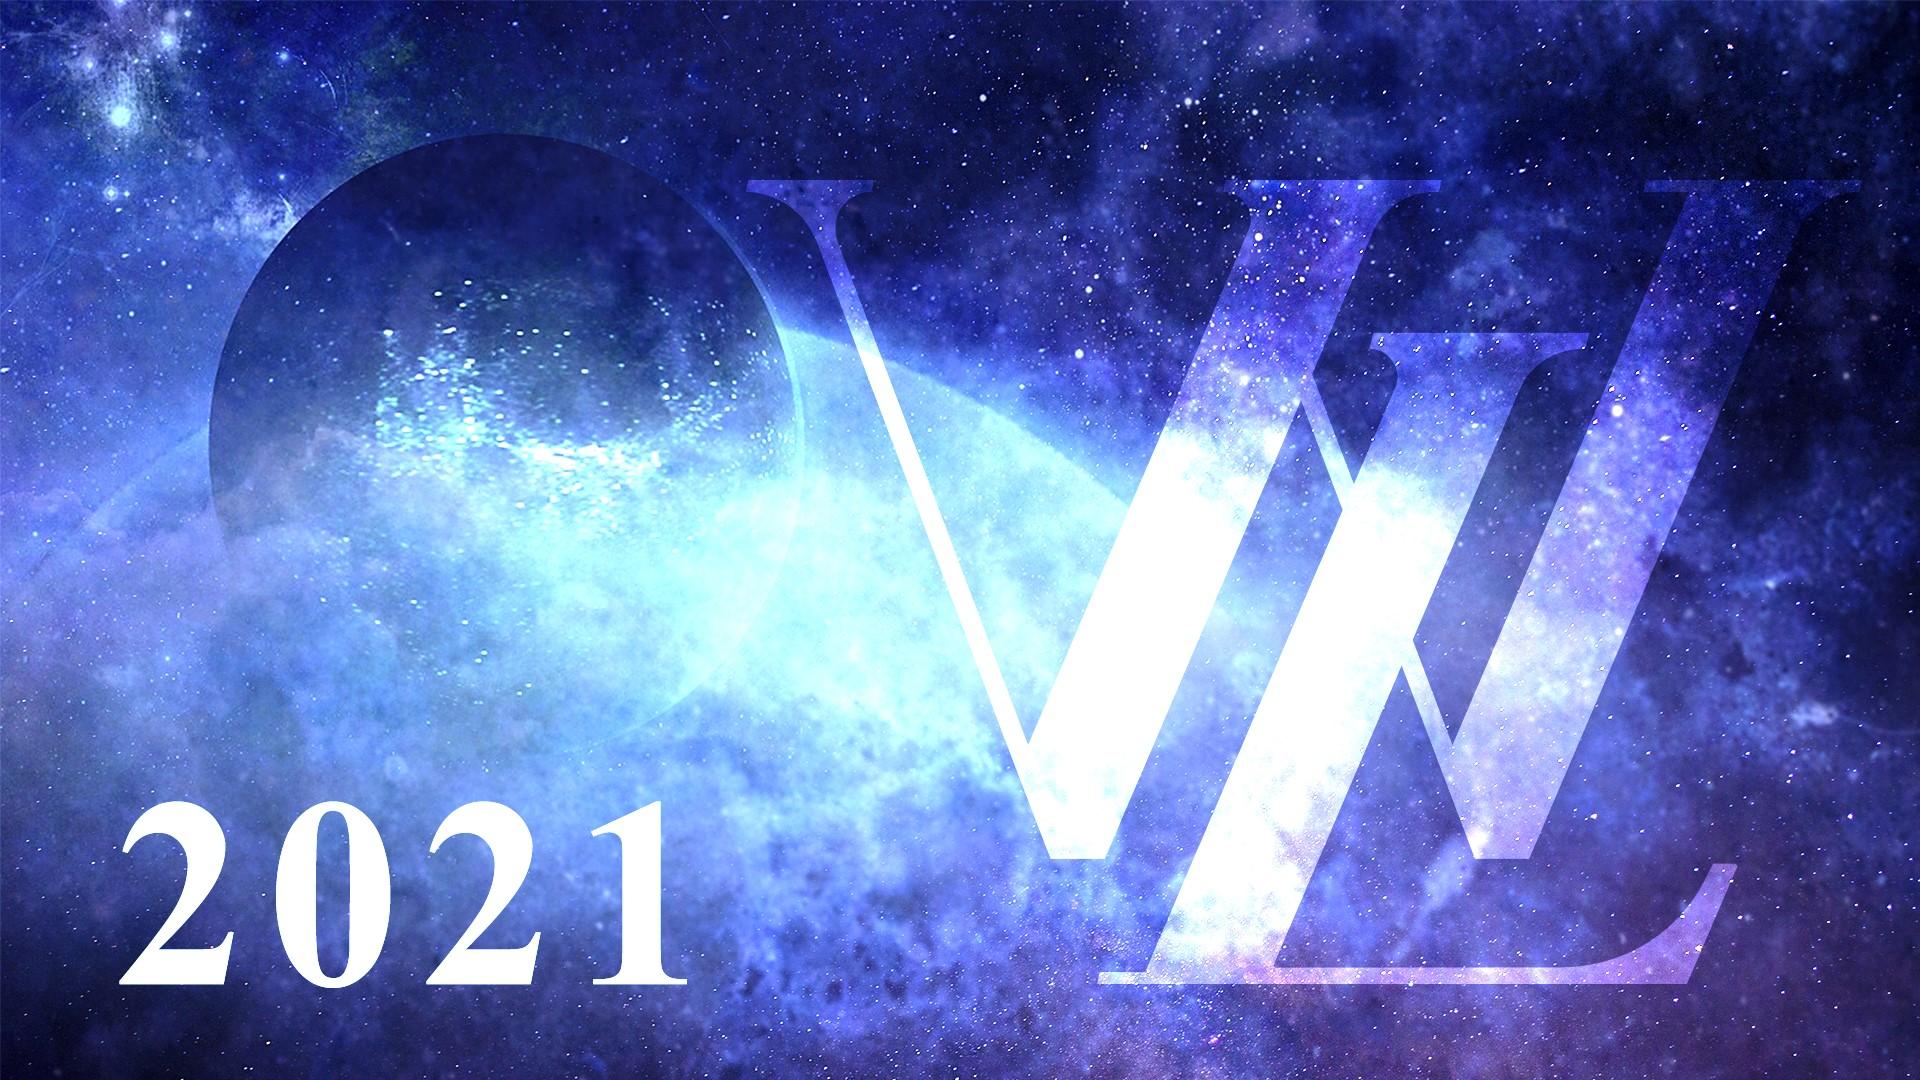 Судьбоносный гороскоп на 2021 год для всех знаков зодиака